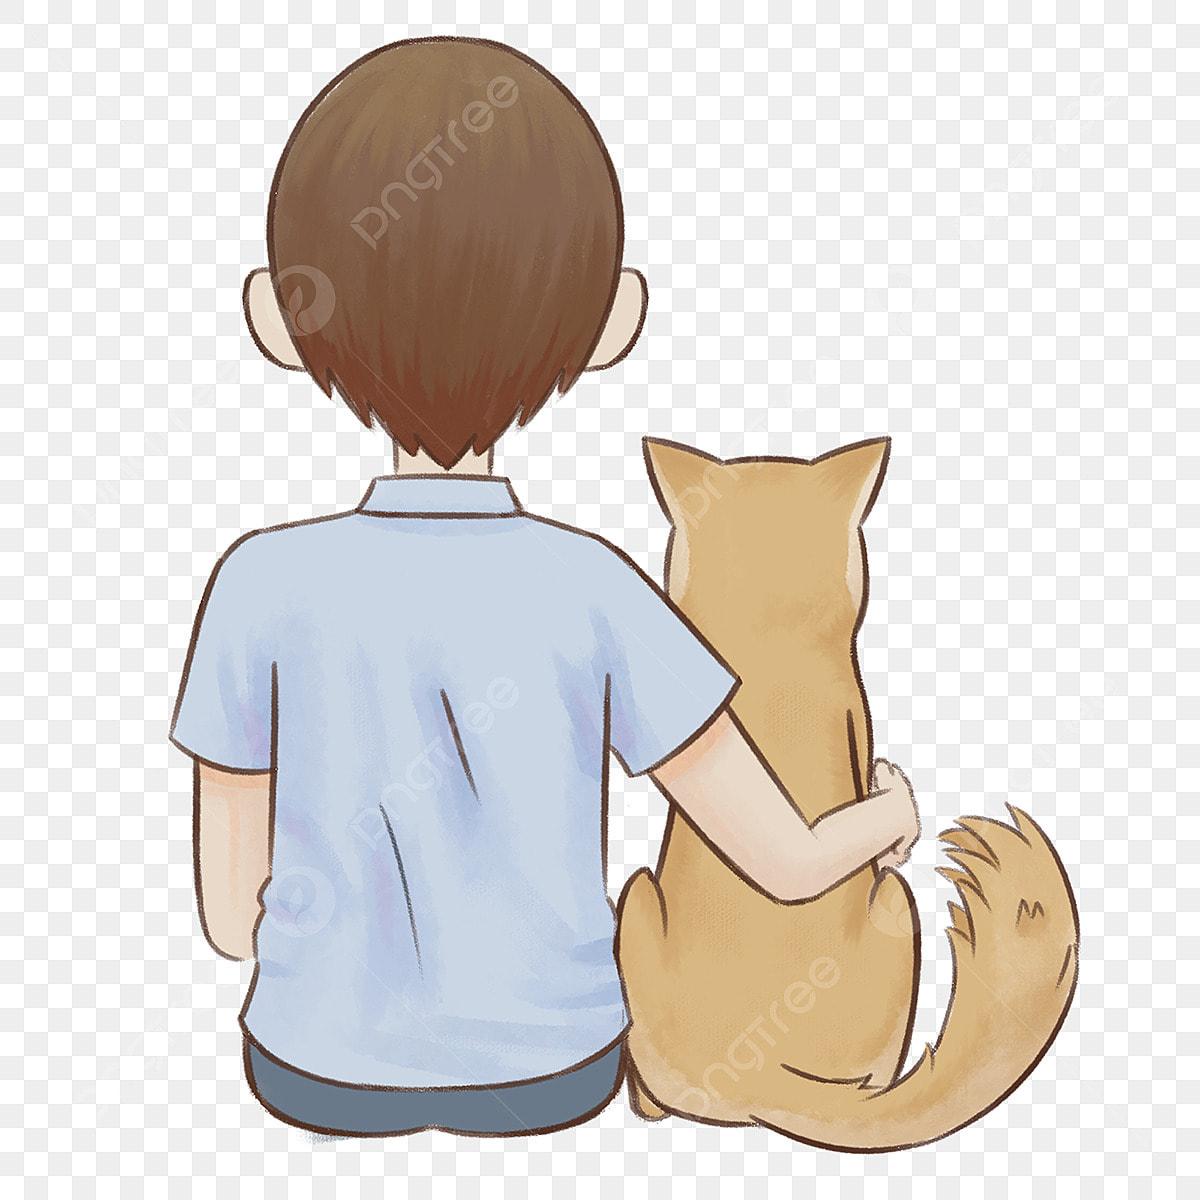 犬のイラストと手漫画漫画少年 秋田 日本 志沢画像とpsd素材ファイルの